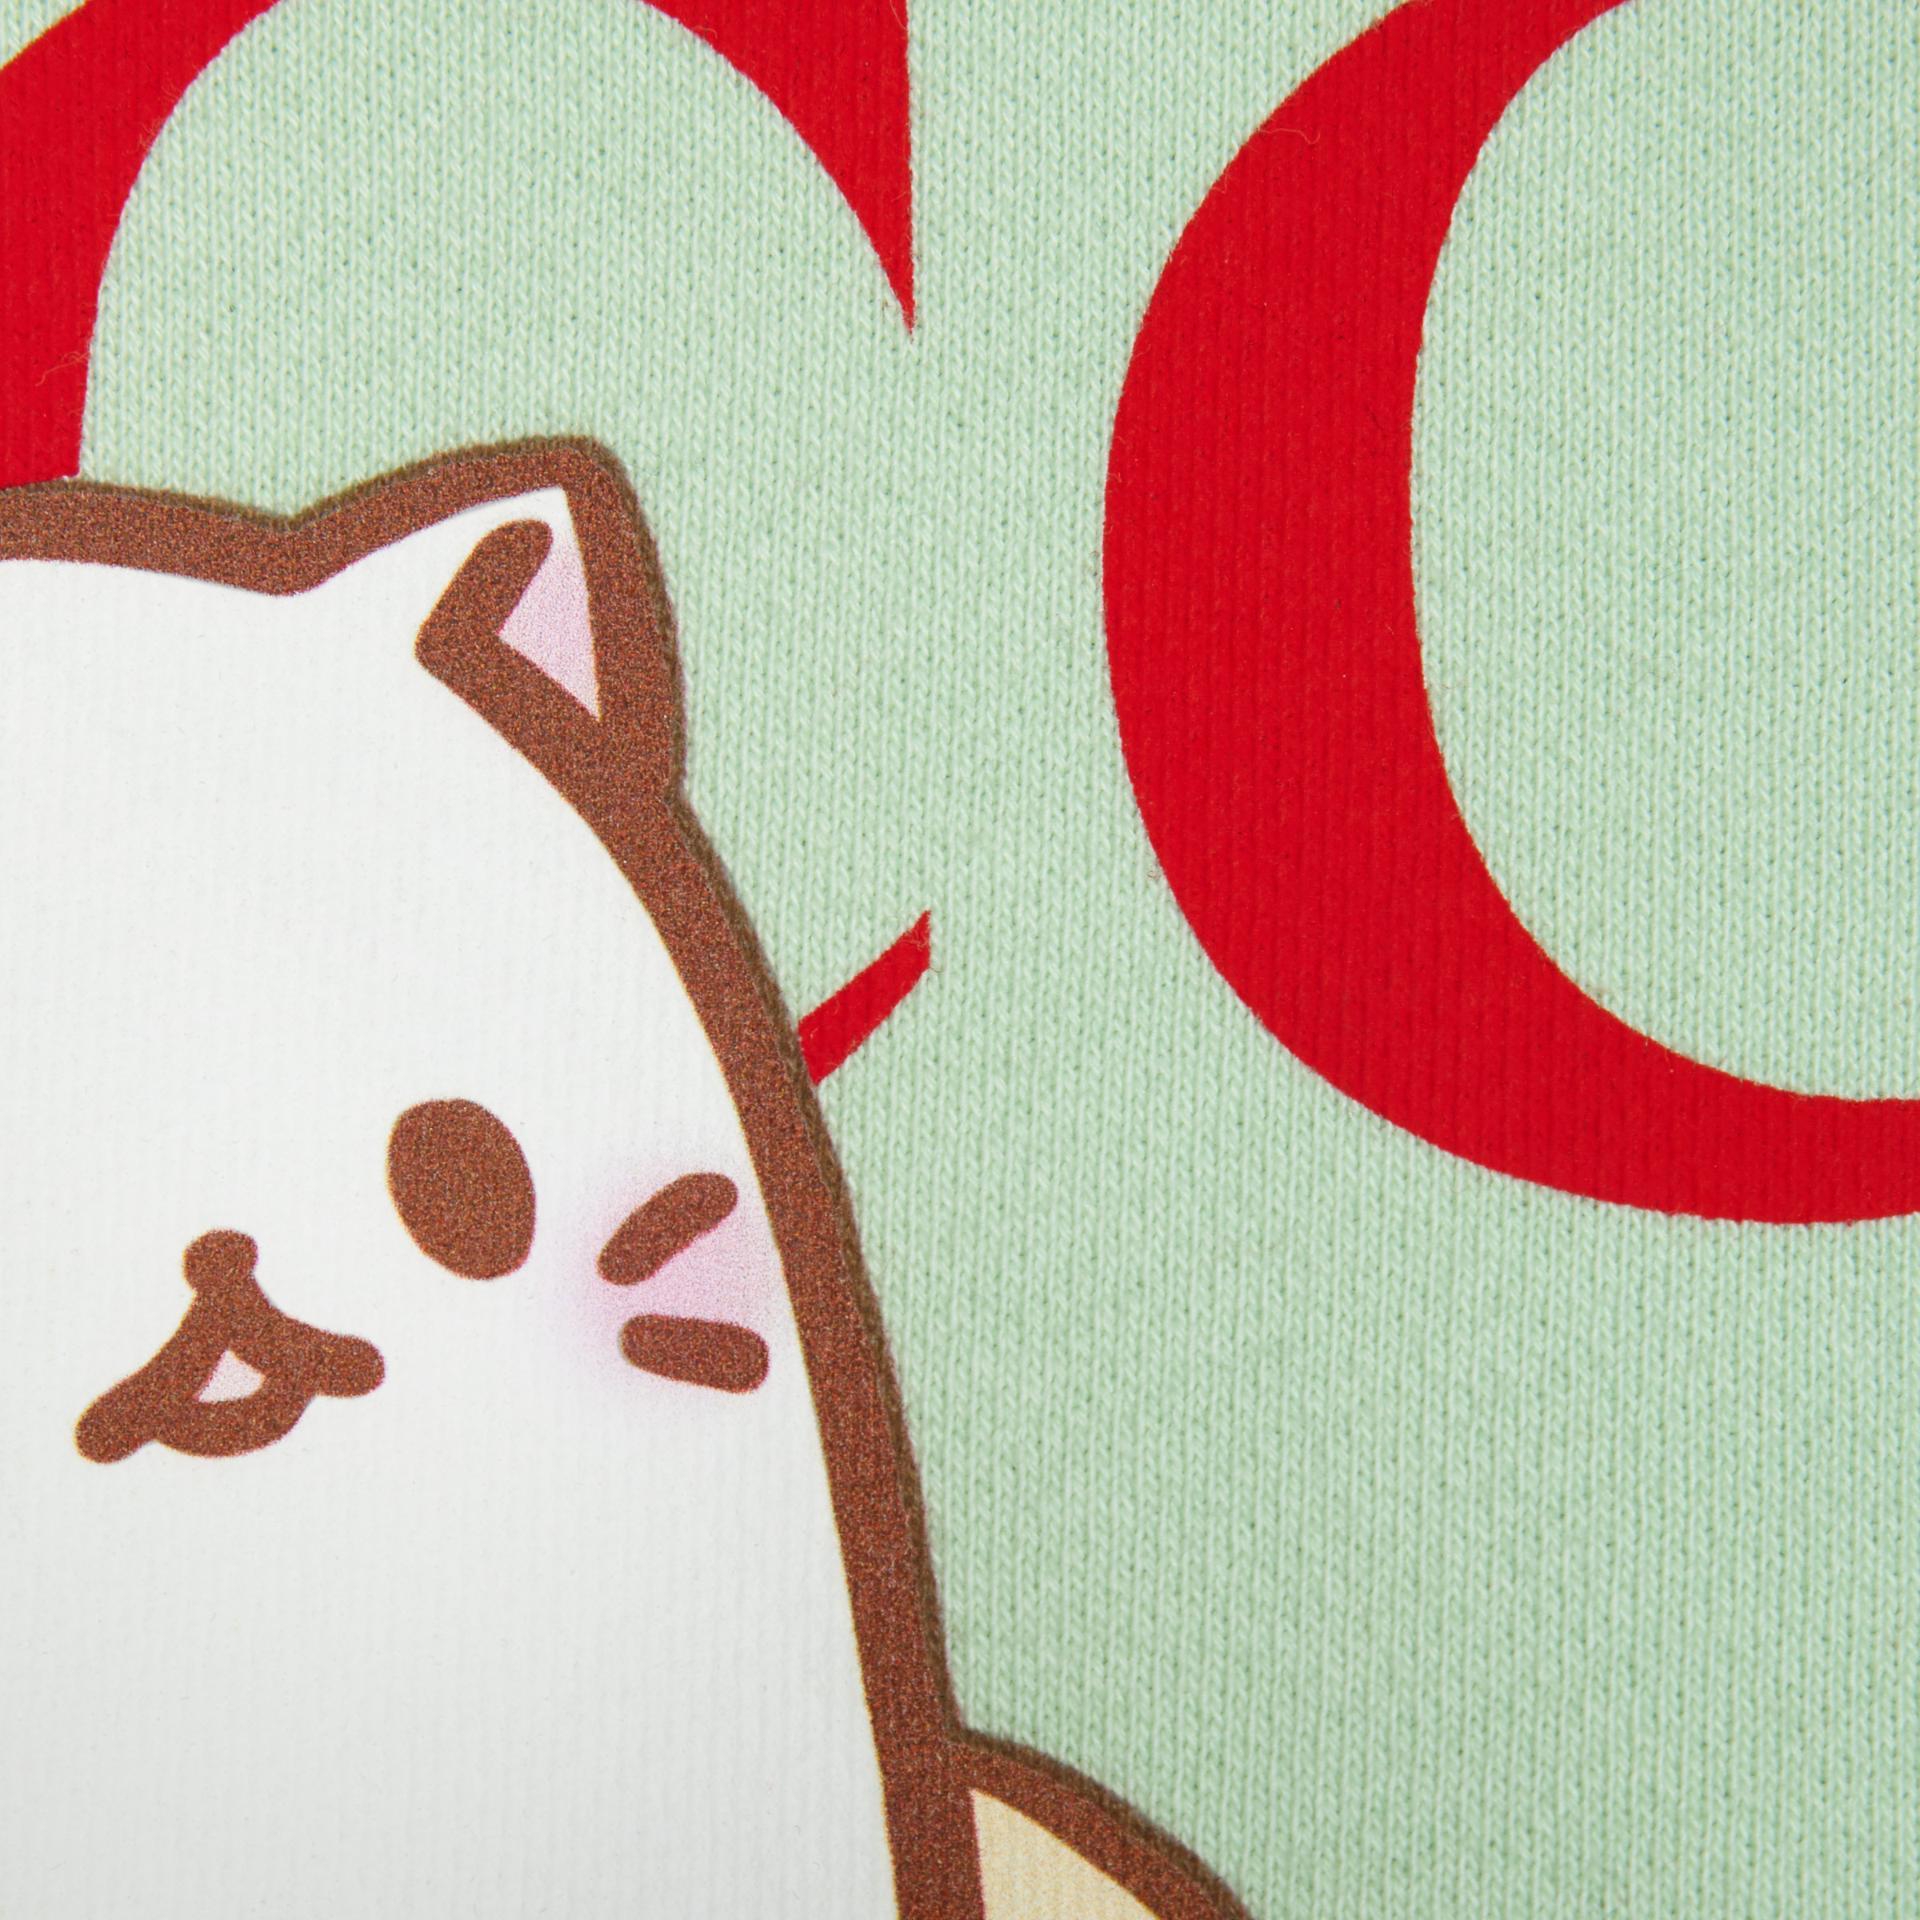 유럽직배송 구찌 GUCCI Gucci - Bananya x Gucci cotton sweatshirt 617964XJDGS3614